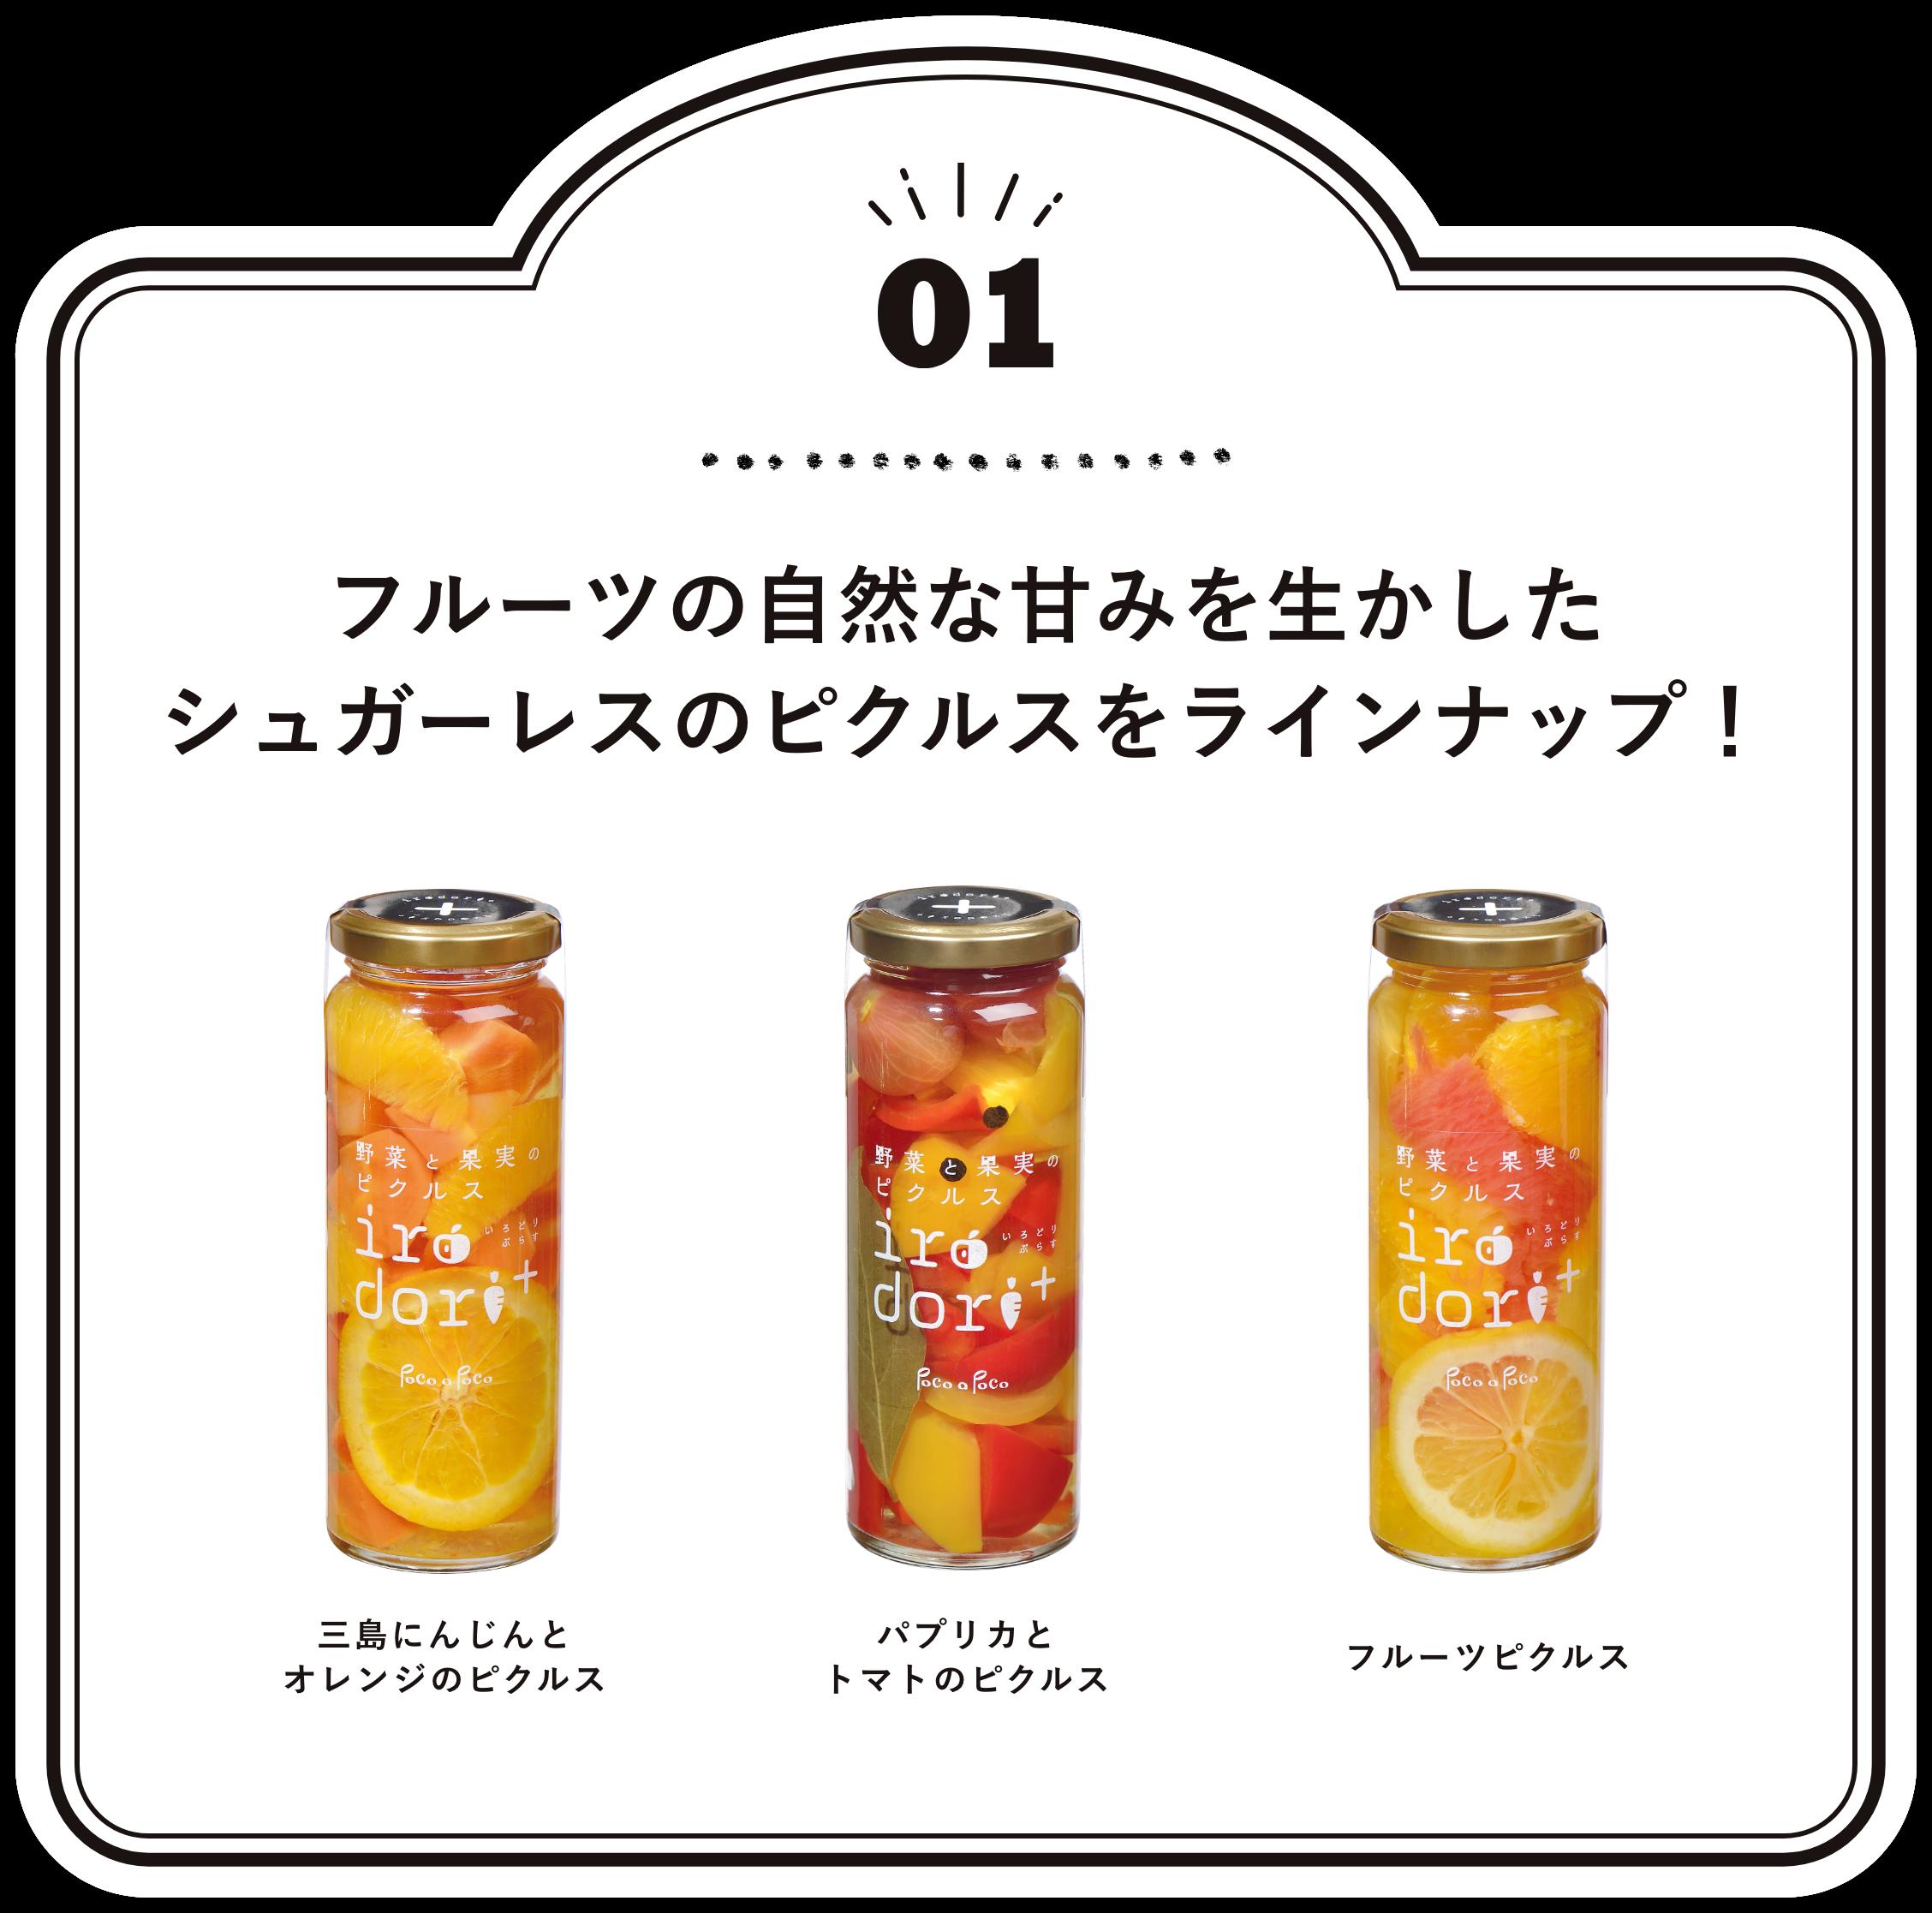 01 フルーツの自然な甘みを生かしたシュガーレスのピクルスをラインナップ!